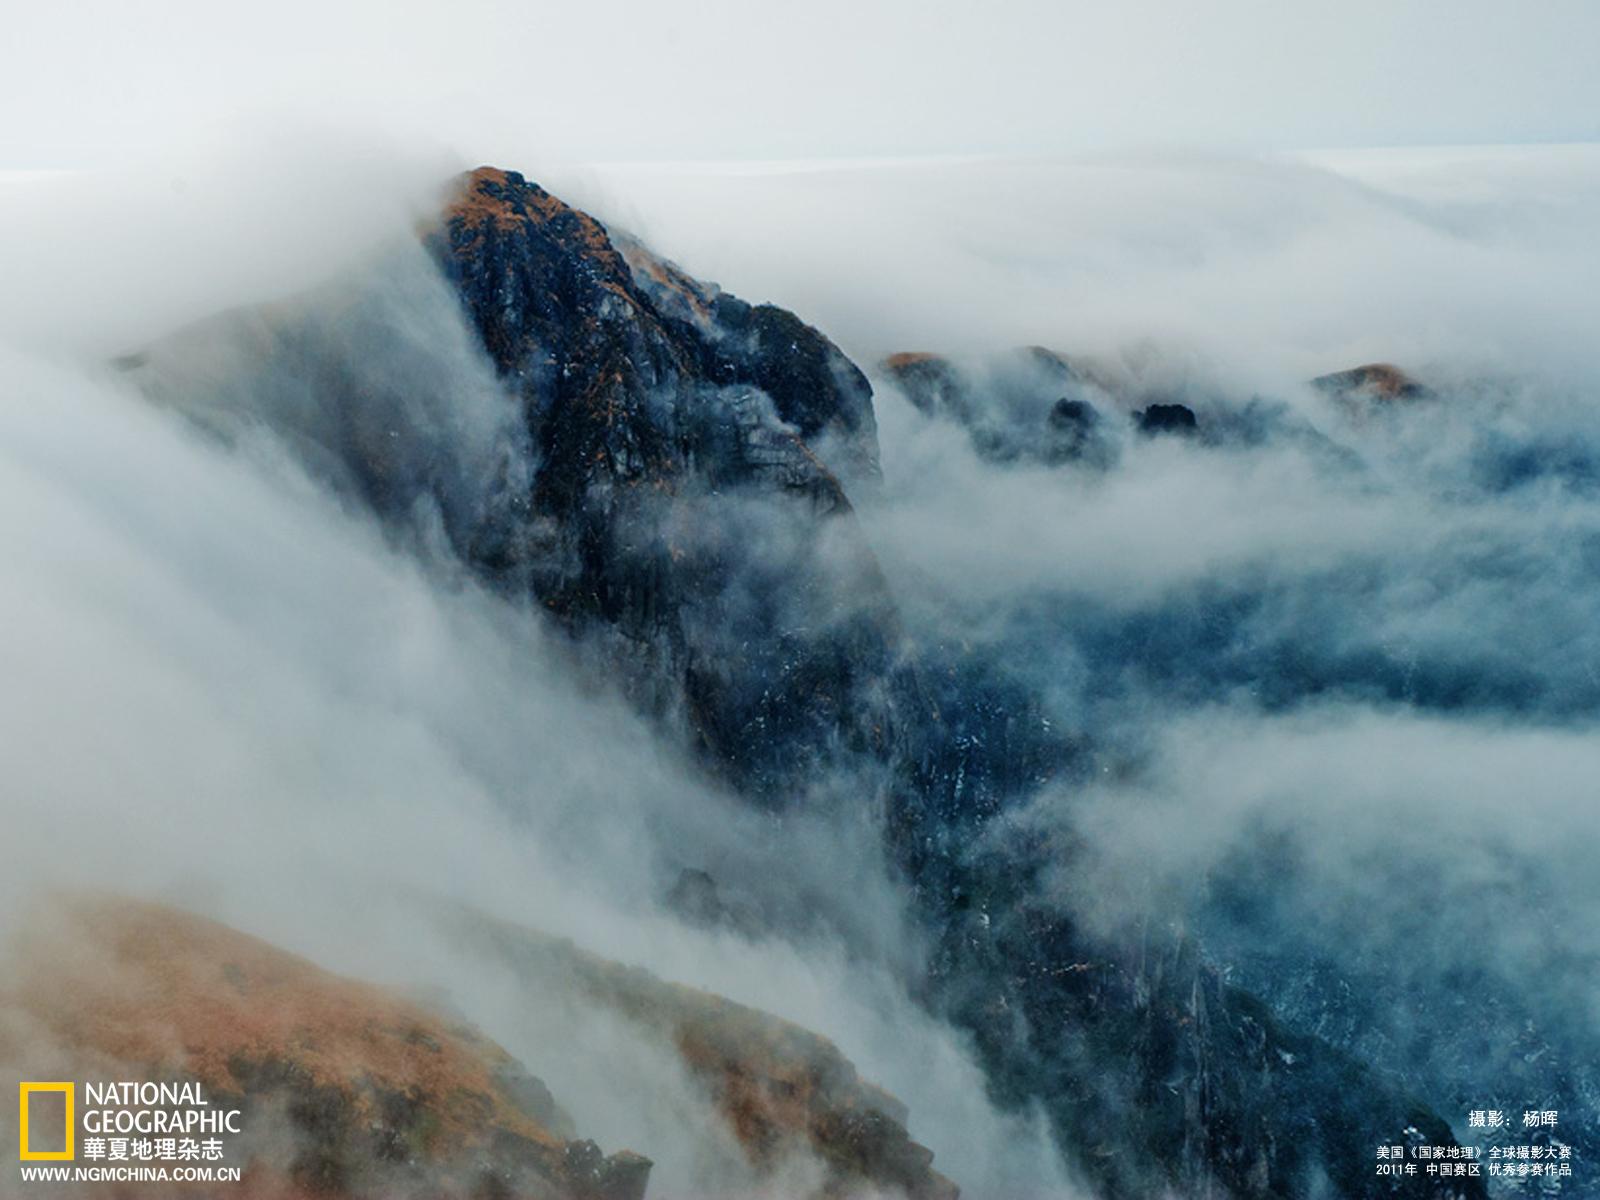 2011美国《国家地理》全球摄影大赛中国赛区的参赛作品(1600x1200)